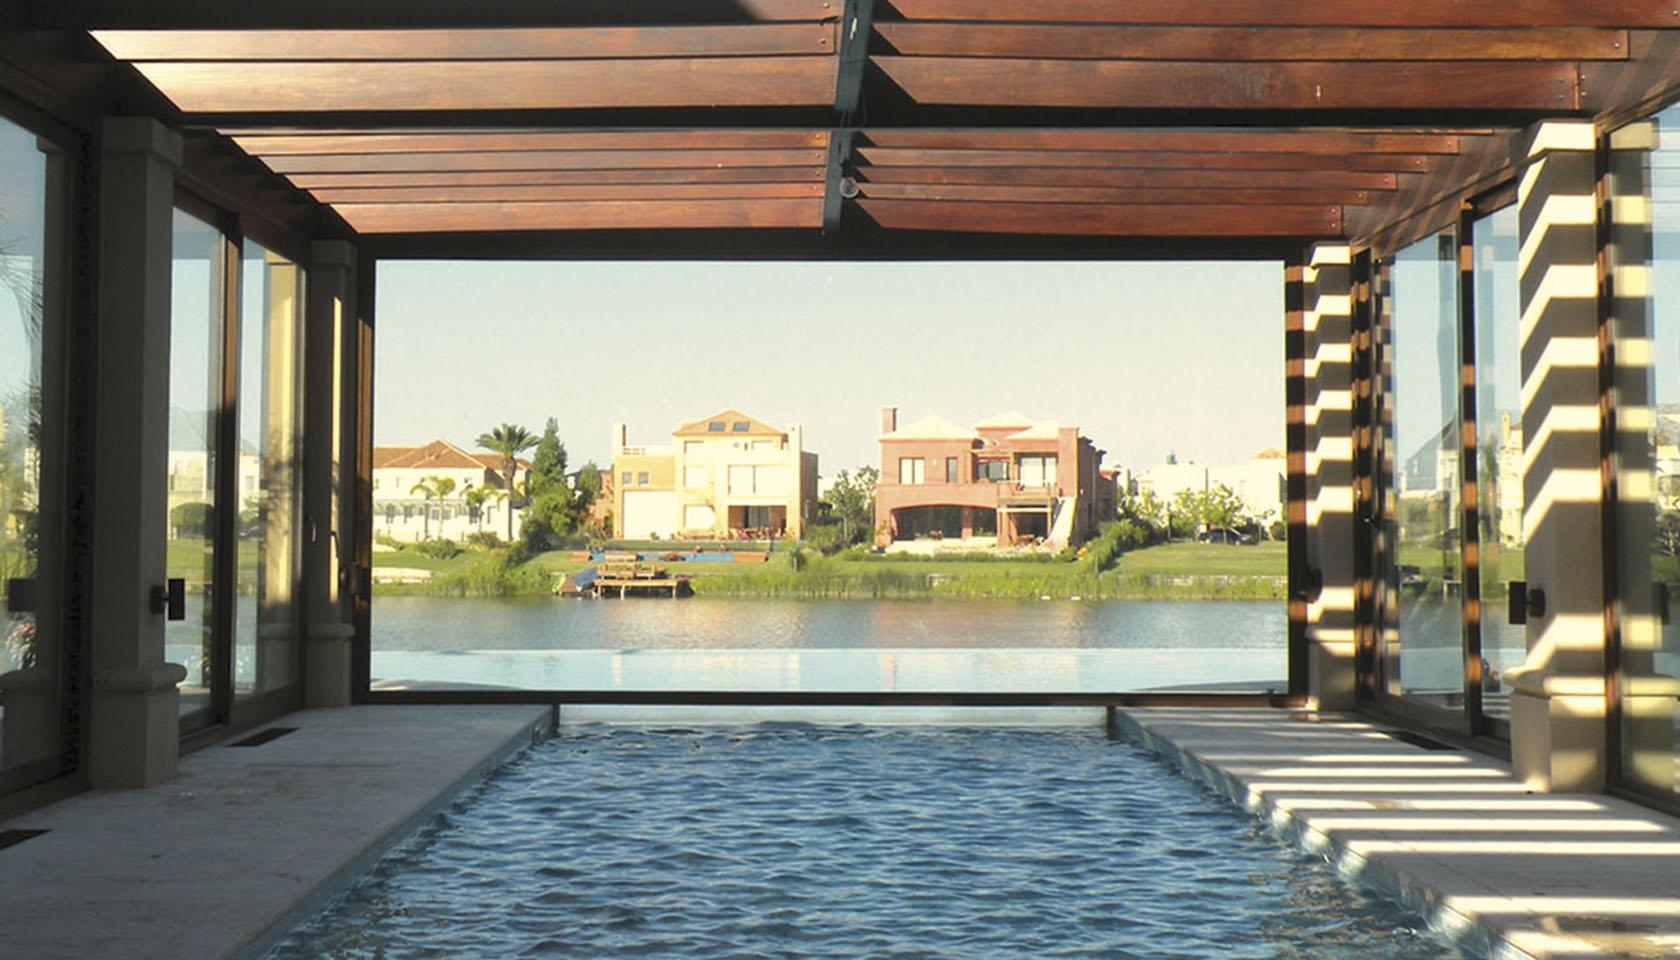 casas con vista al lago, arquitectura y paisaje